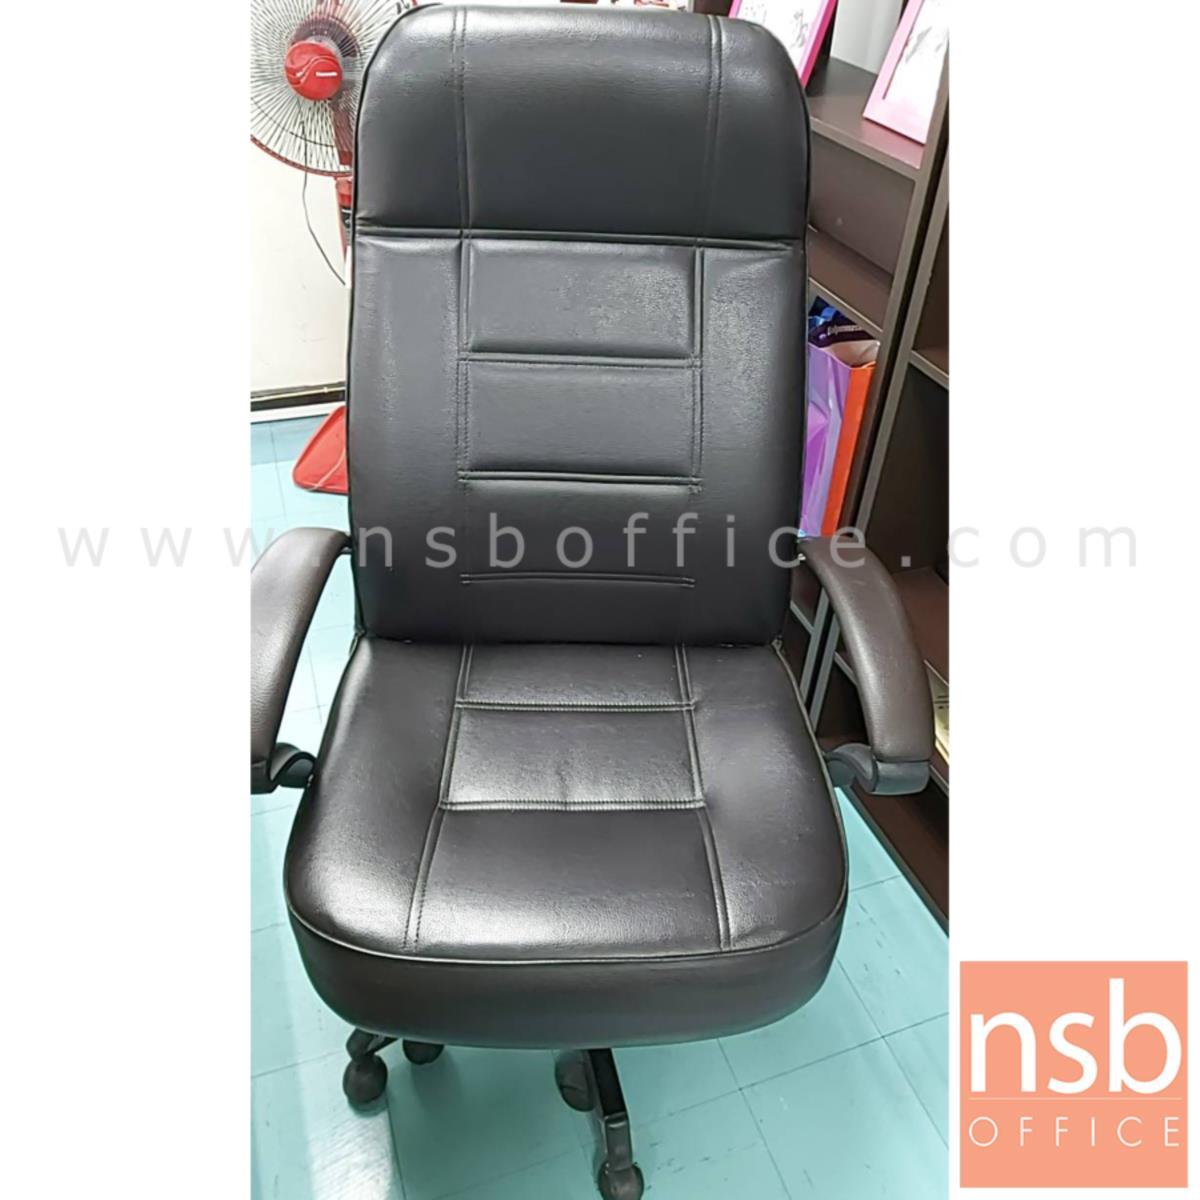 เก้าอี้สำนักงาน รุ่น Organa  มีก้อนโยก ขาเหล็ก 10 ล้อ